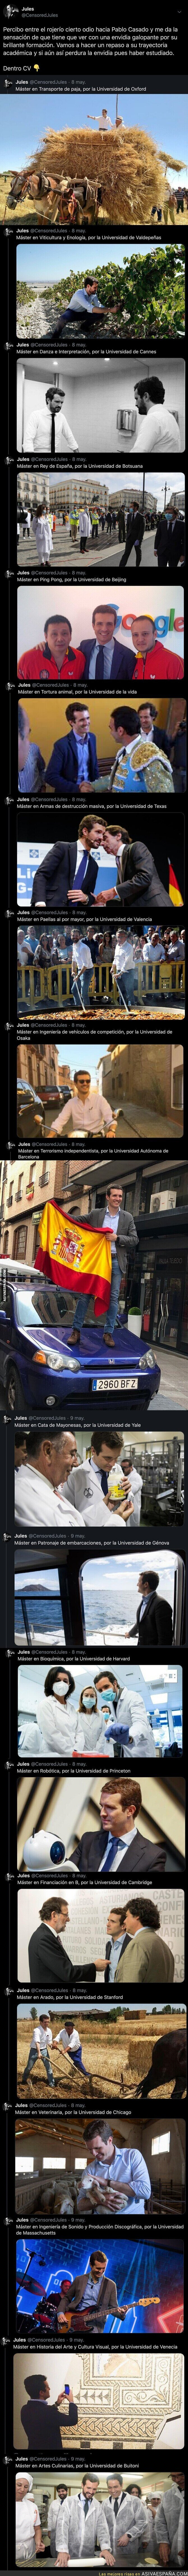 157398 - Pablo Casado tiene el mejor curriculum de España y todas estas imágenes lo confirman por completo